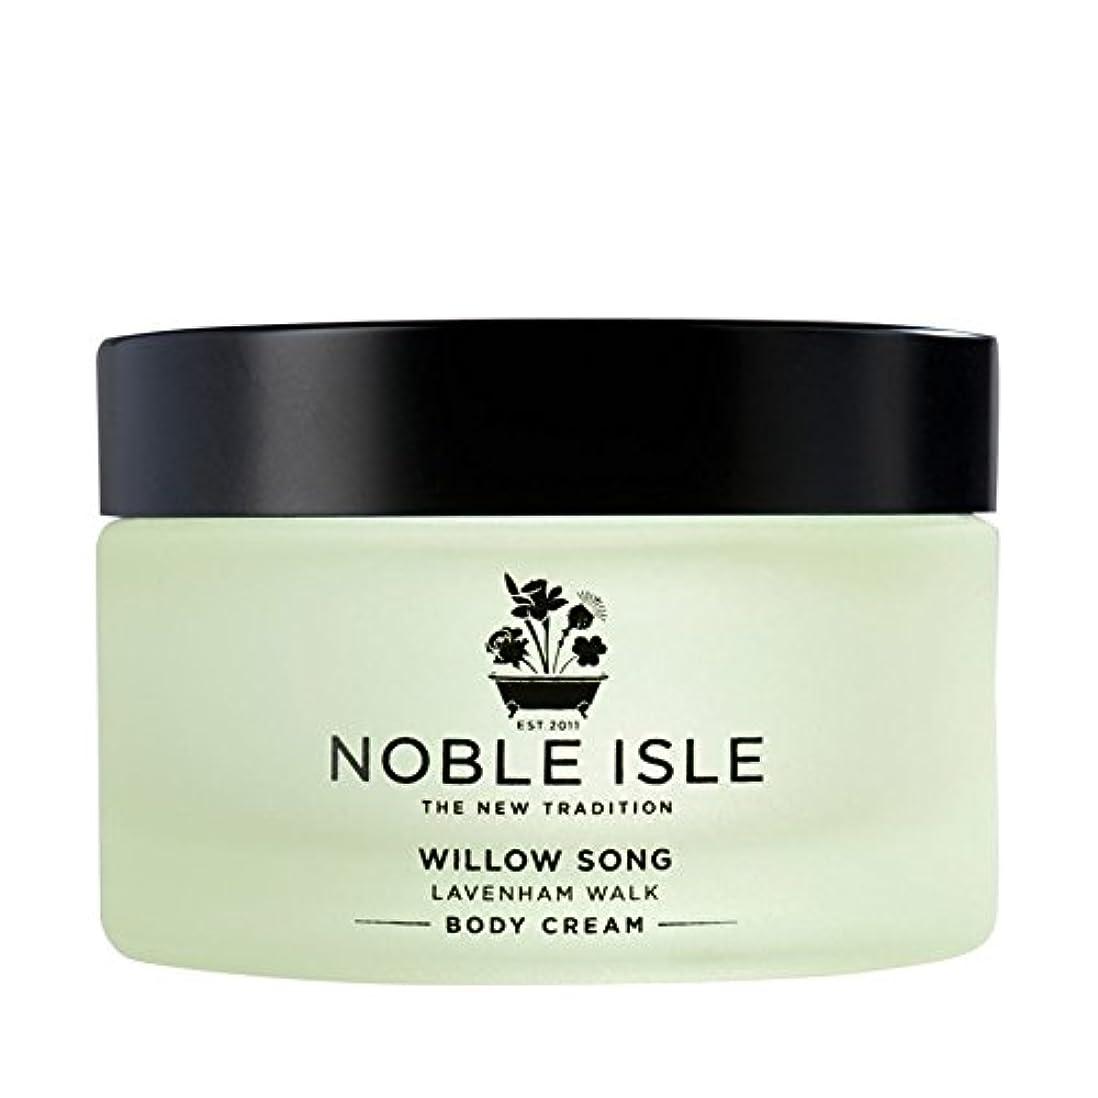 おとうさんペチコート君主高貴な島柳の歌ラヴァンハム徒歩ボディクリーム170ミリリットル x2 - Noble Isle Willow Song Lavenham Walk Body Cream 170ml (Pack of 2) [並行輸入品]